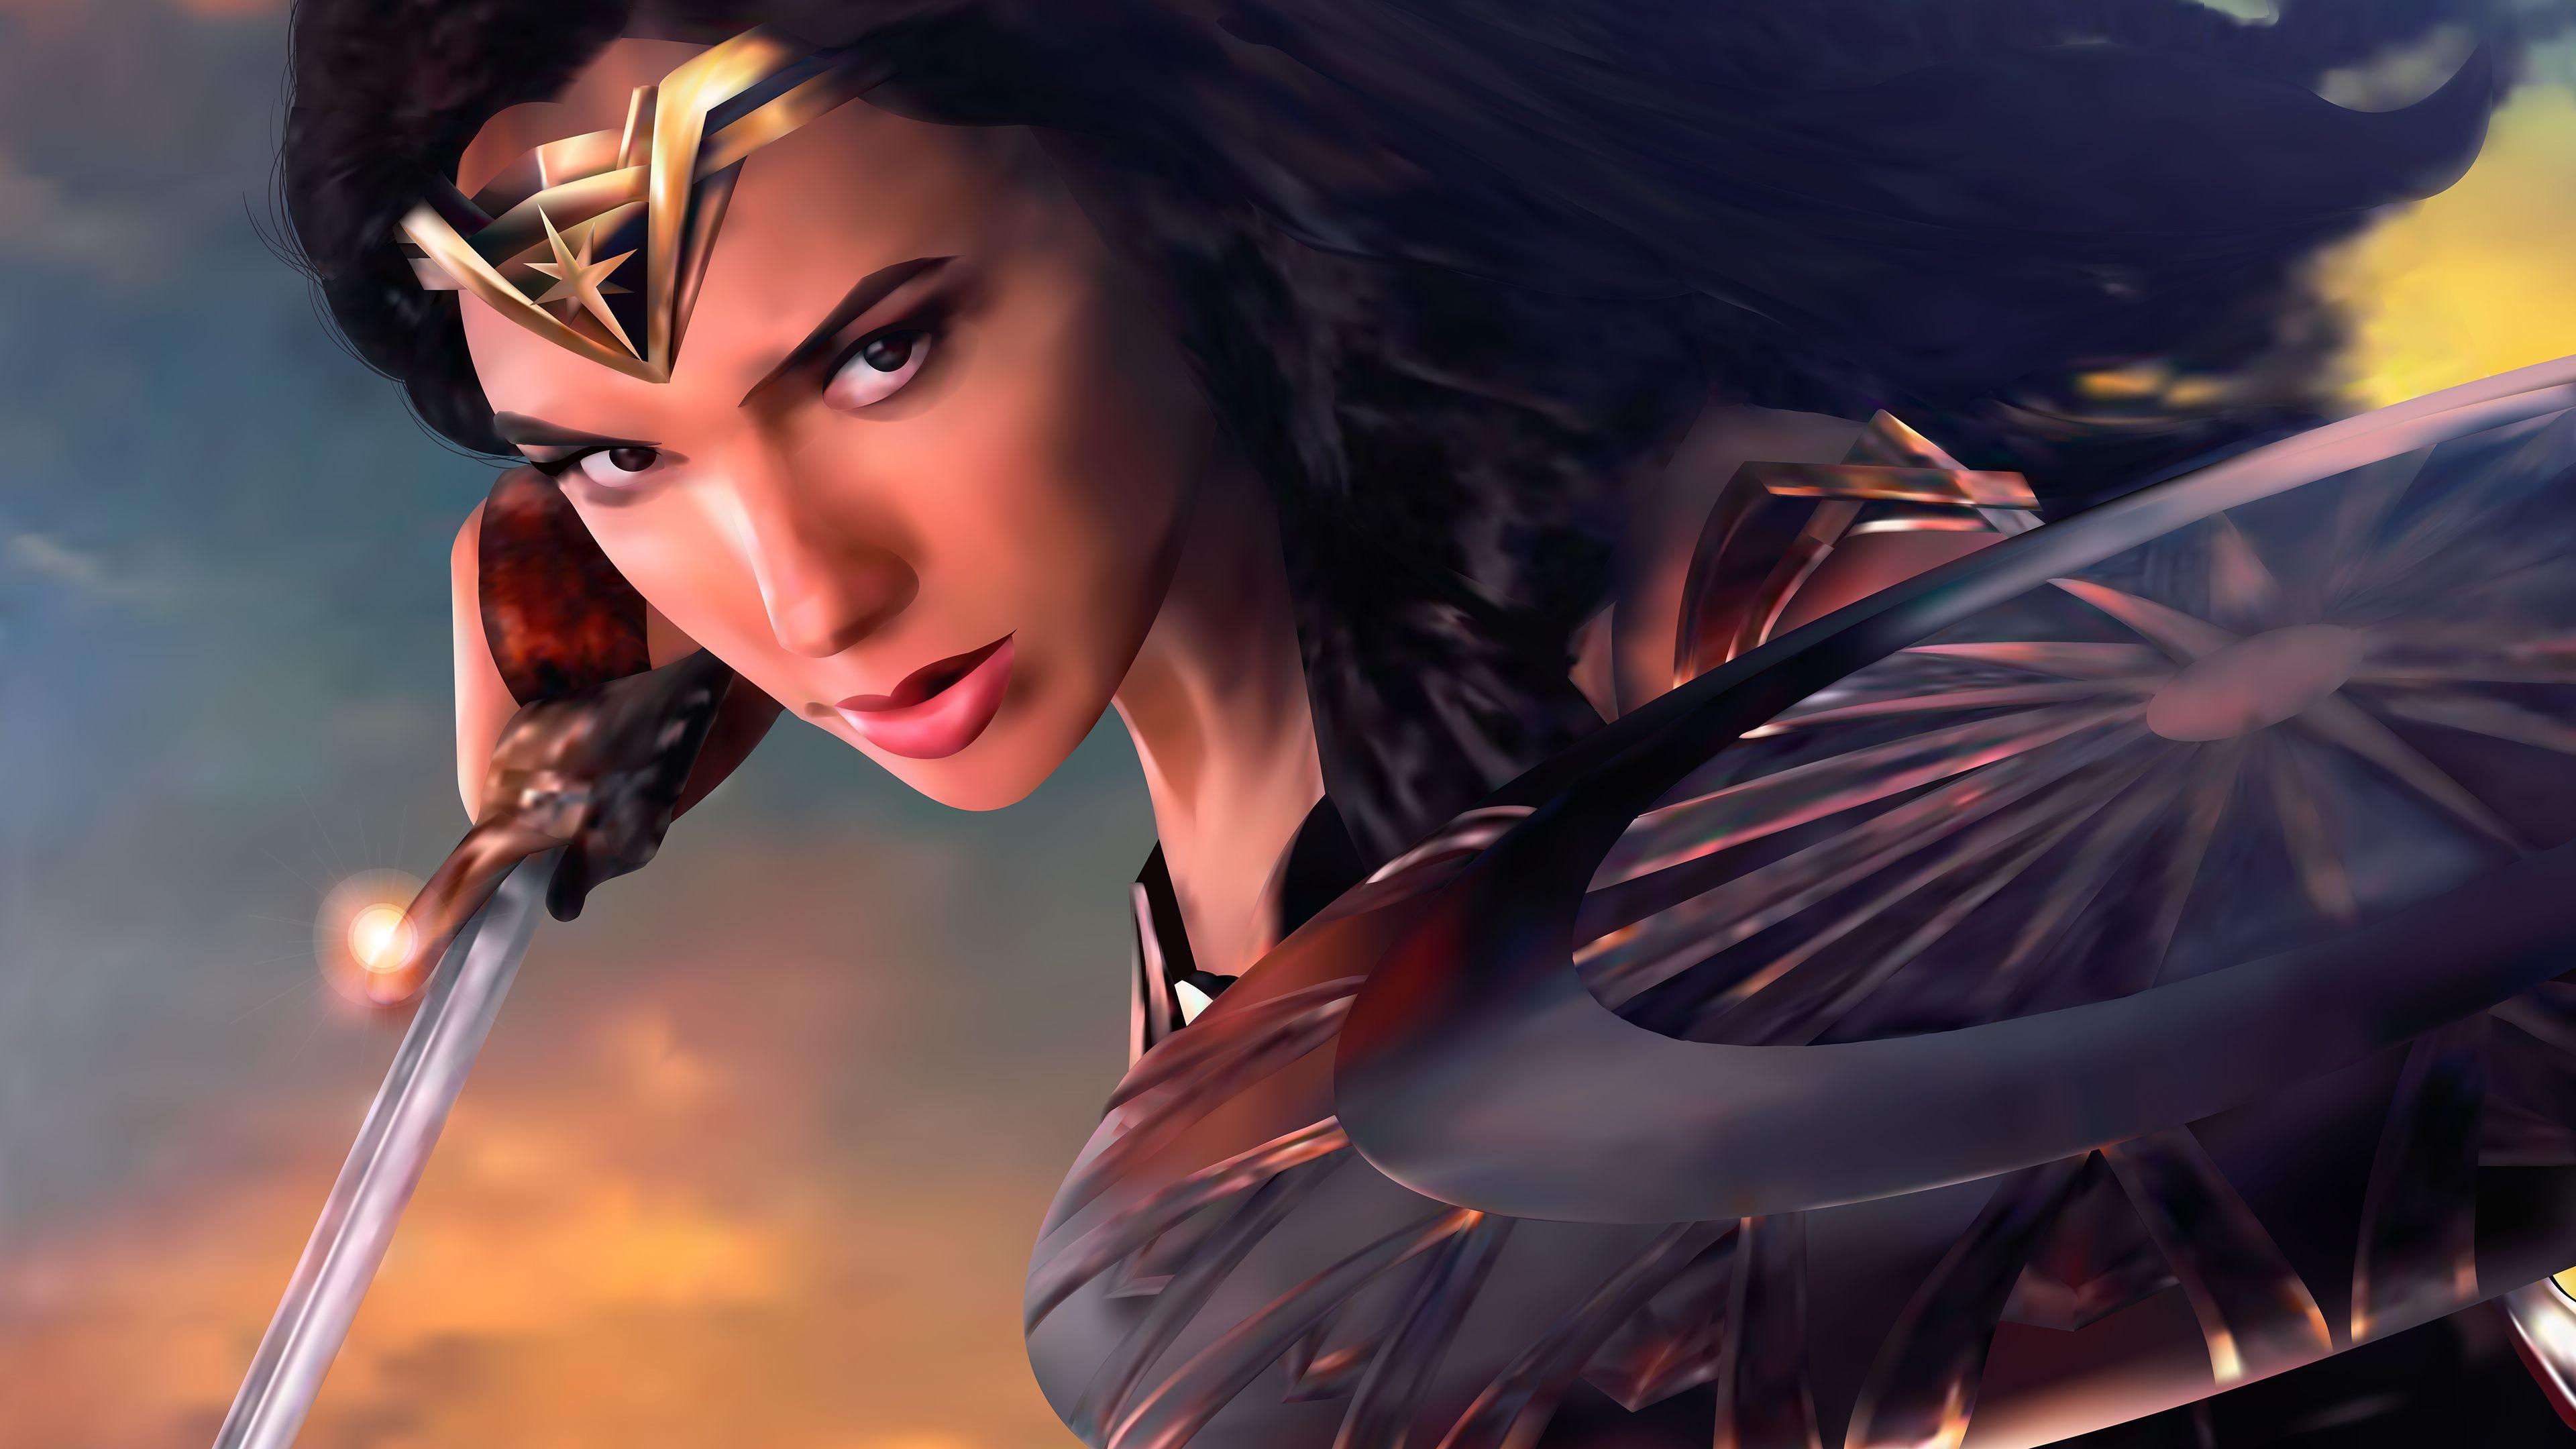 Wonder Woman Digital Artwork 4k New Wonder Woman Wallpapers Superheroes Wallpapers Hd Wallpapers Digital Art W Digital Artwork New 4k Wallpaper Wonder Woman